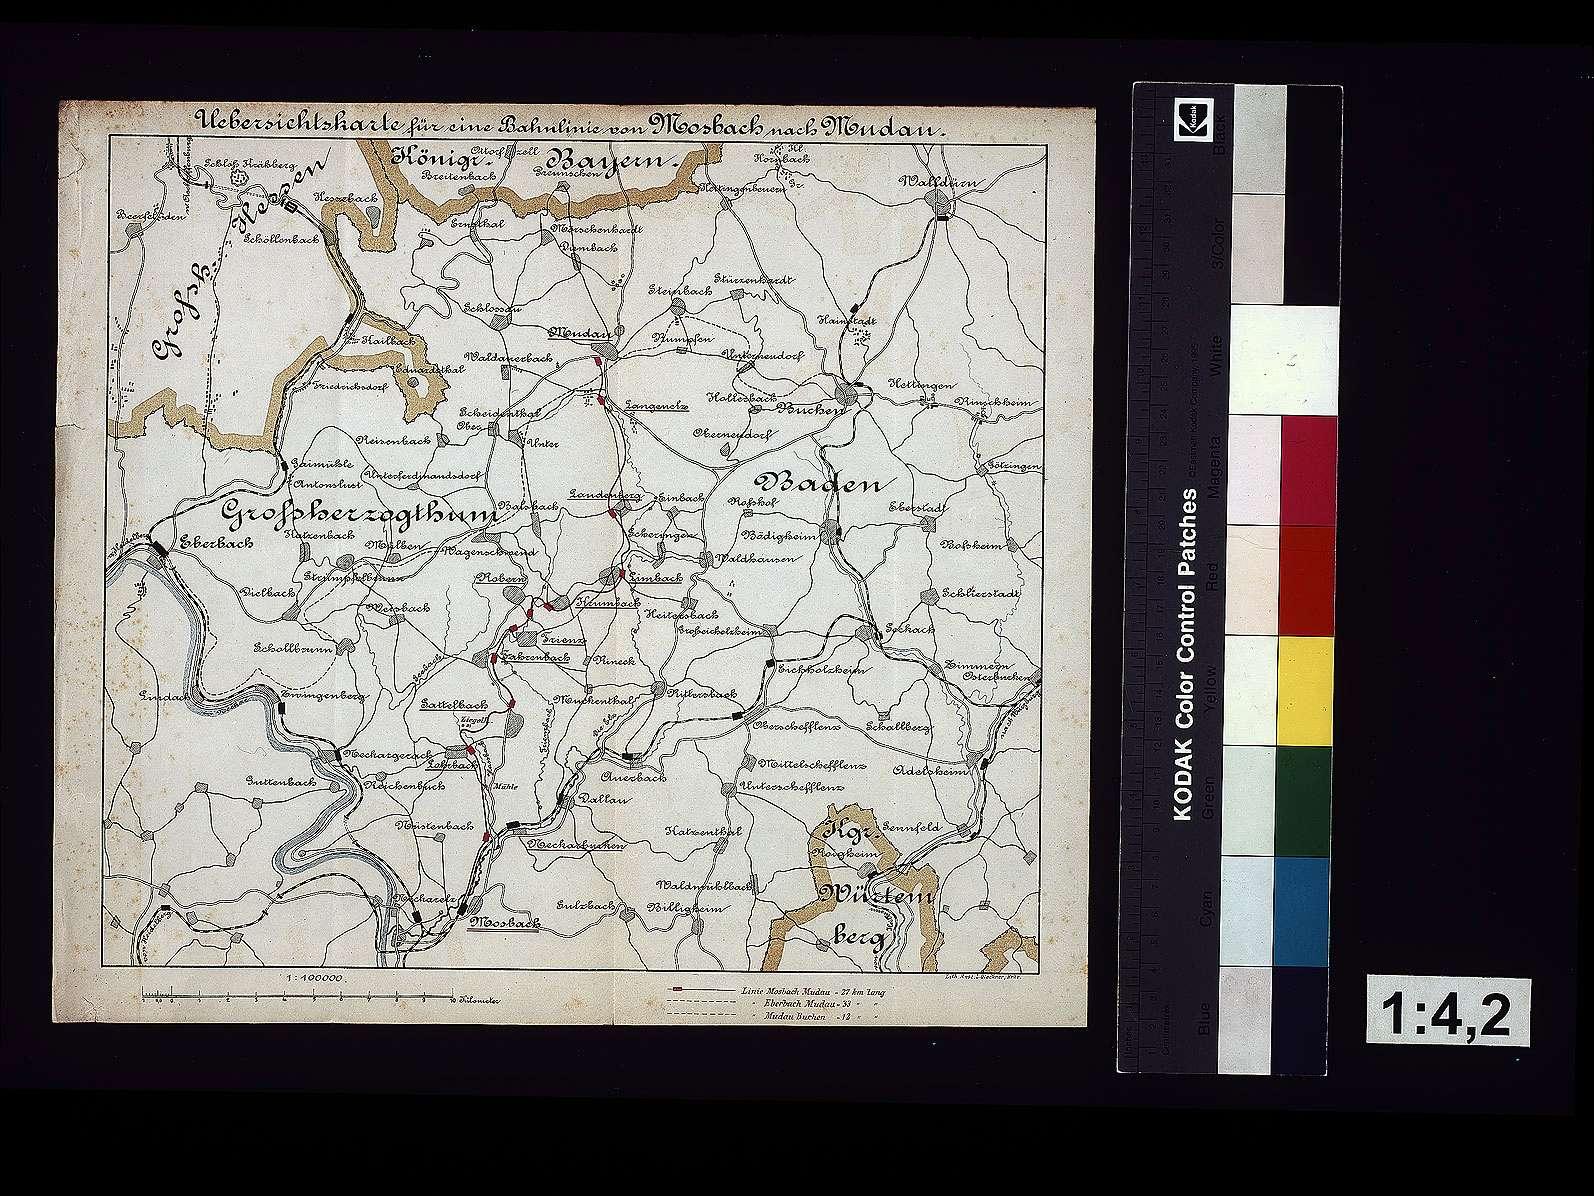 Übersichtskarte für eine Bahnlinie von Mosbach nach Mudau, Bild 1